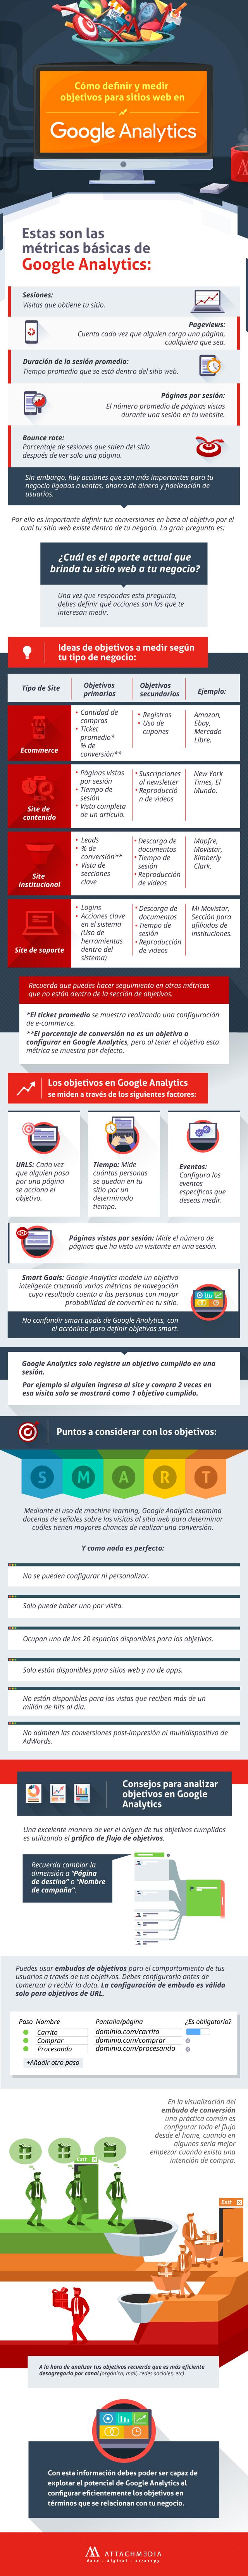 ¿Cómo mejorar tu estrategia de marketing con Google Analytics?